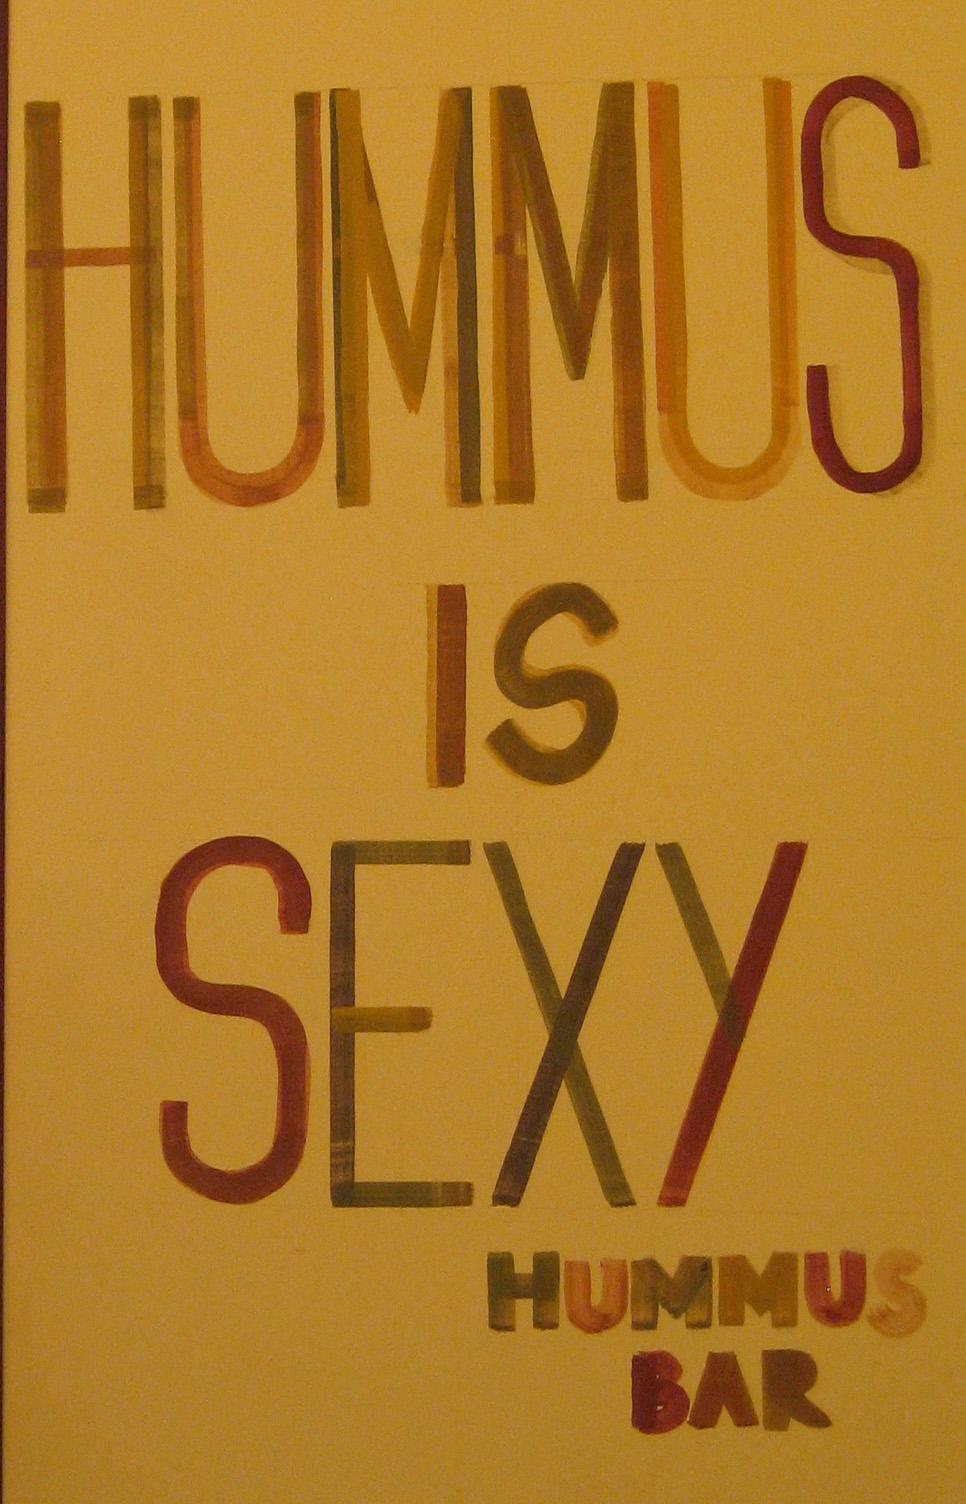 Hummus, a mumus